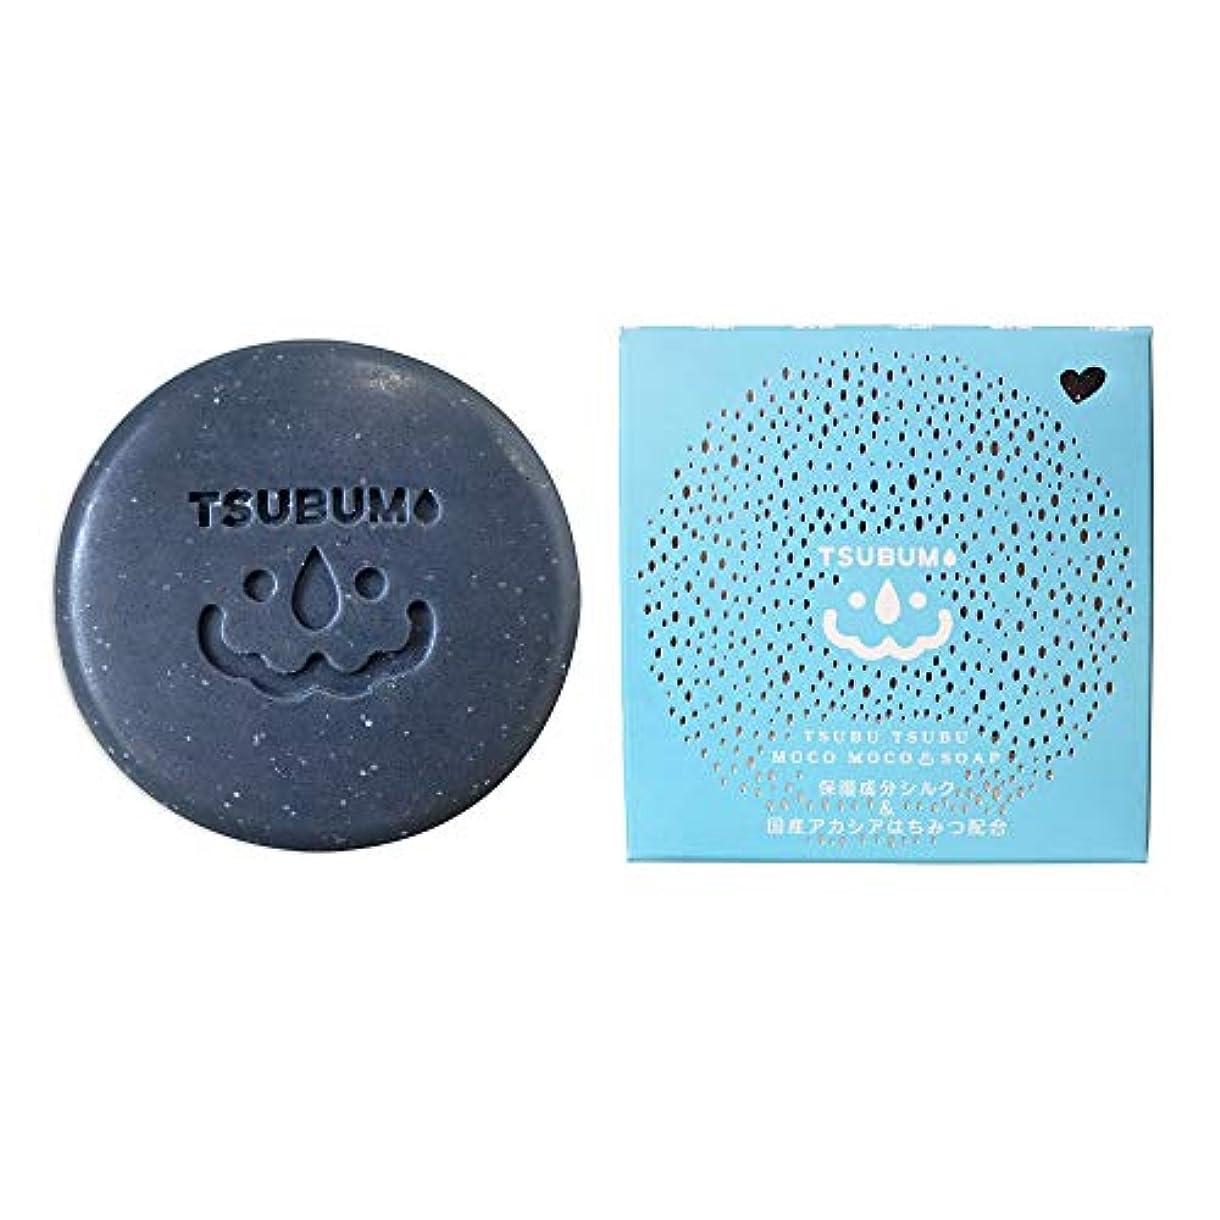 楕円形コントローラで【TSUBUMO(ツブモ)】天然植物由来 プレミアムミネラルソープ 固形 フェイス&ボディ用 90g×1個|アルガンオイル 馬油 ガスール 着色料不使用 低刺激 敏感肌|日本製|ファミリー向け